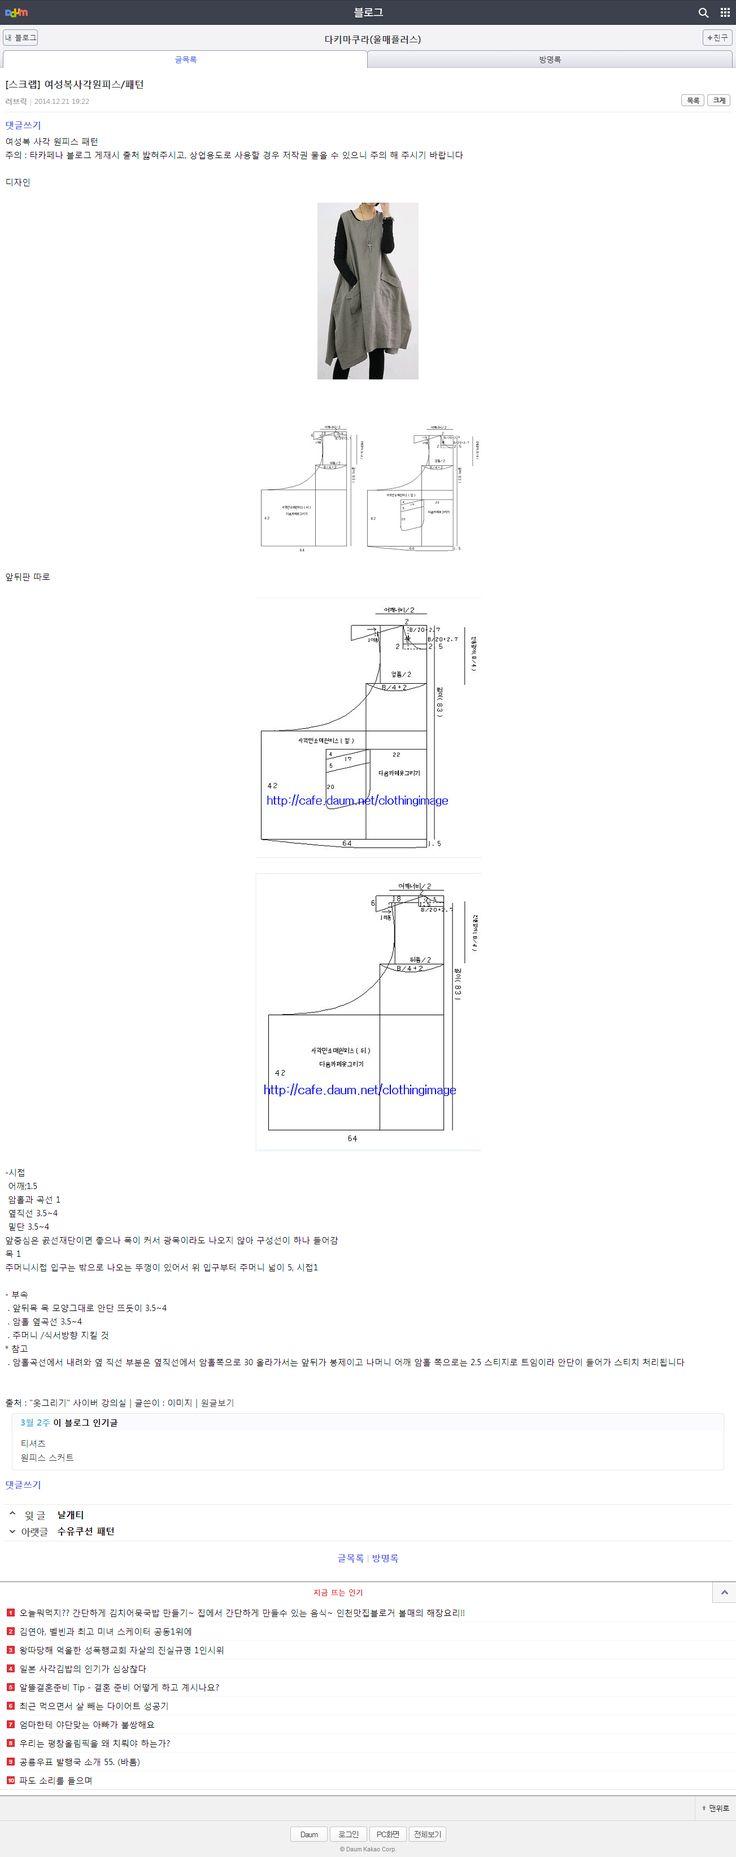 c8947aea1c11ecbd3cadfb4f298004d7.jpg (1303×3289)